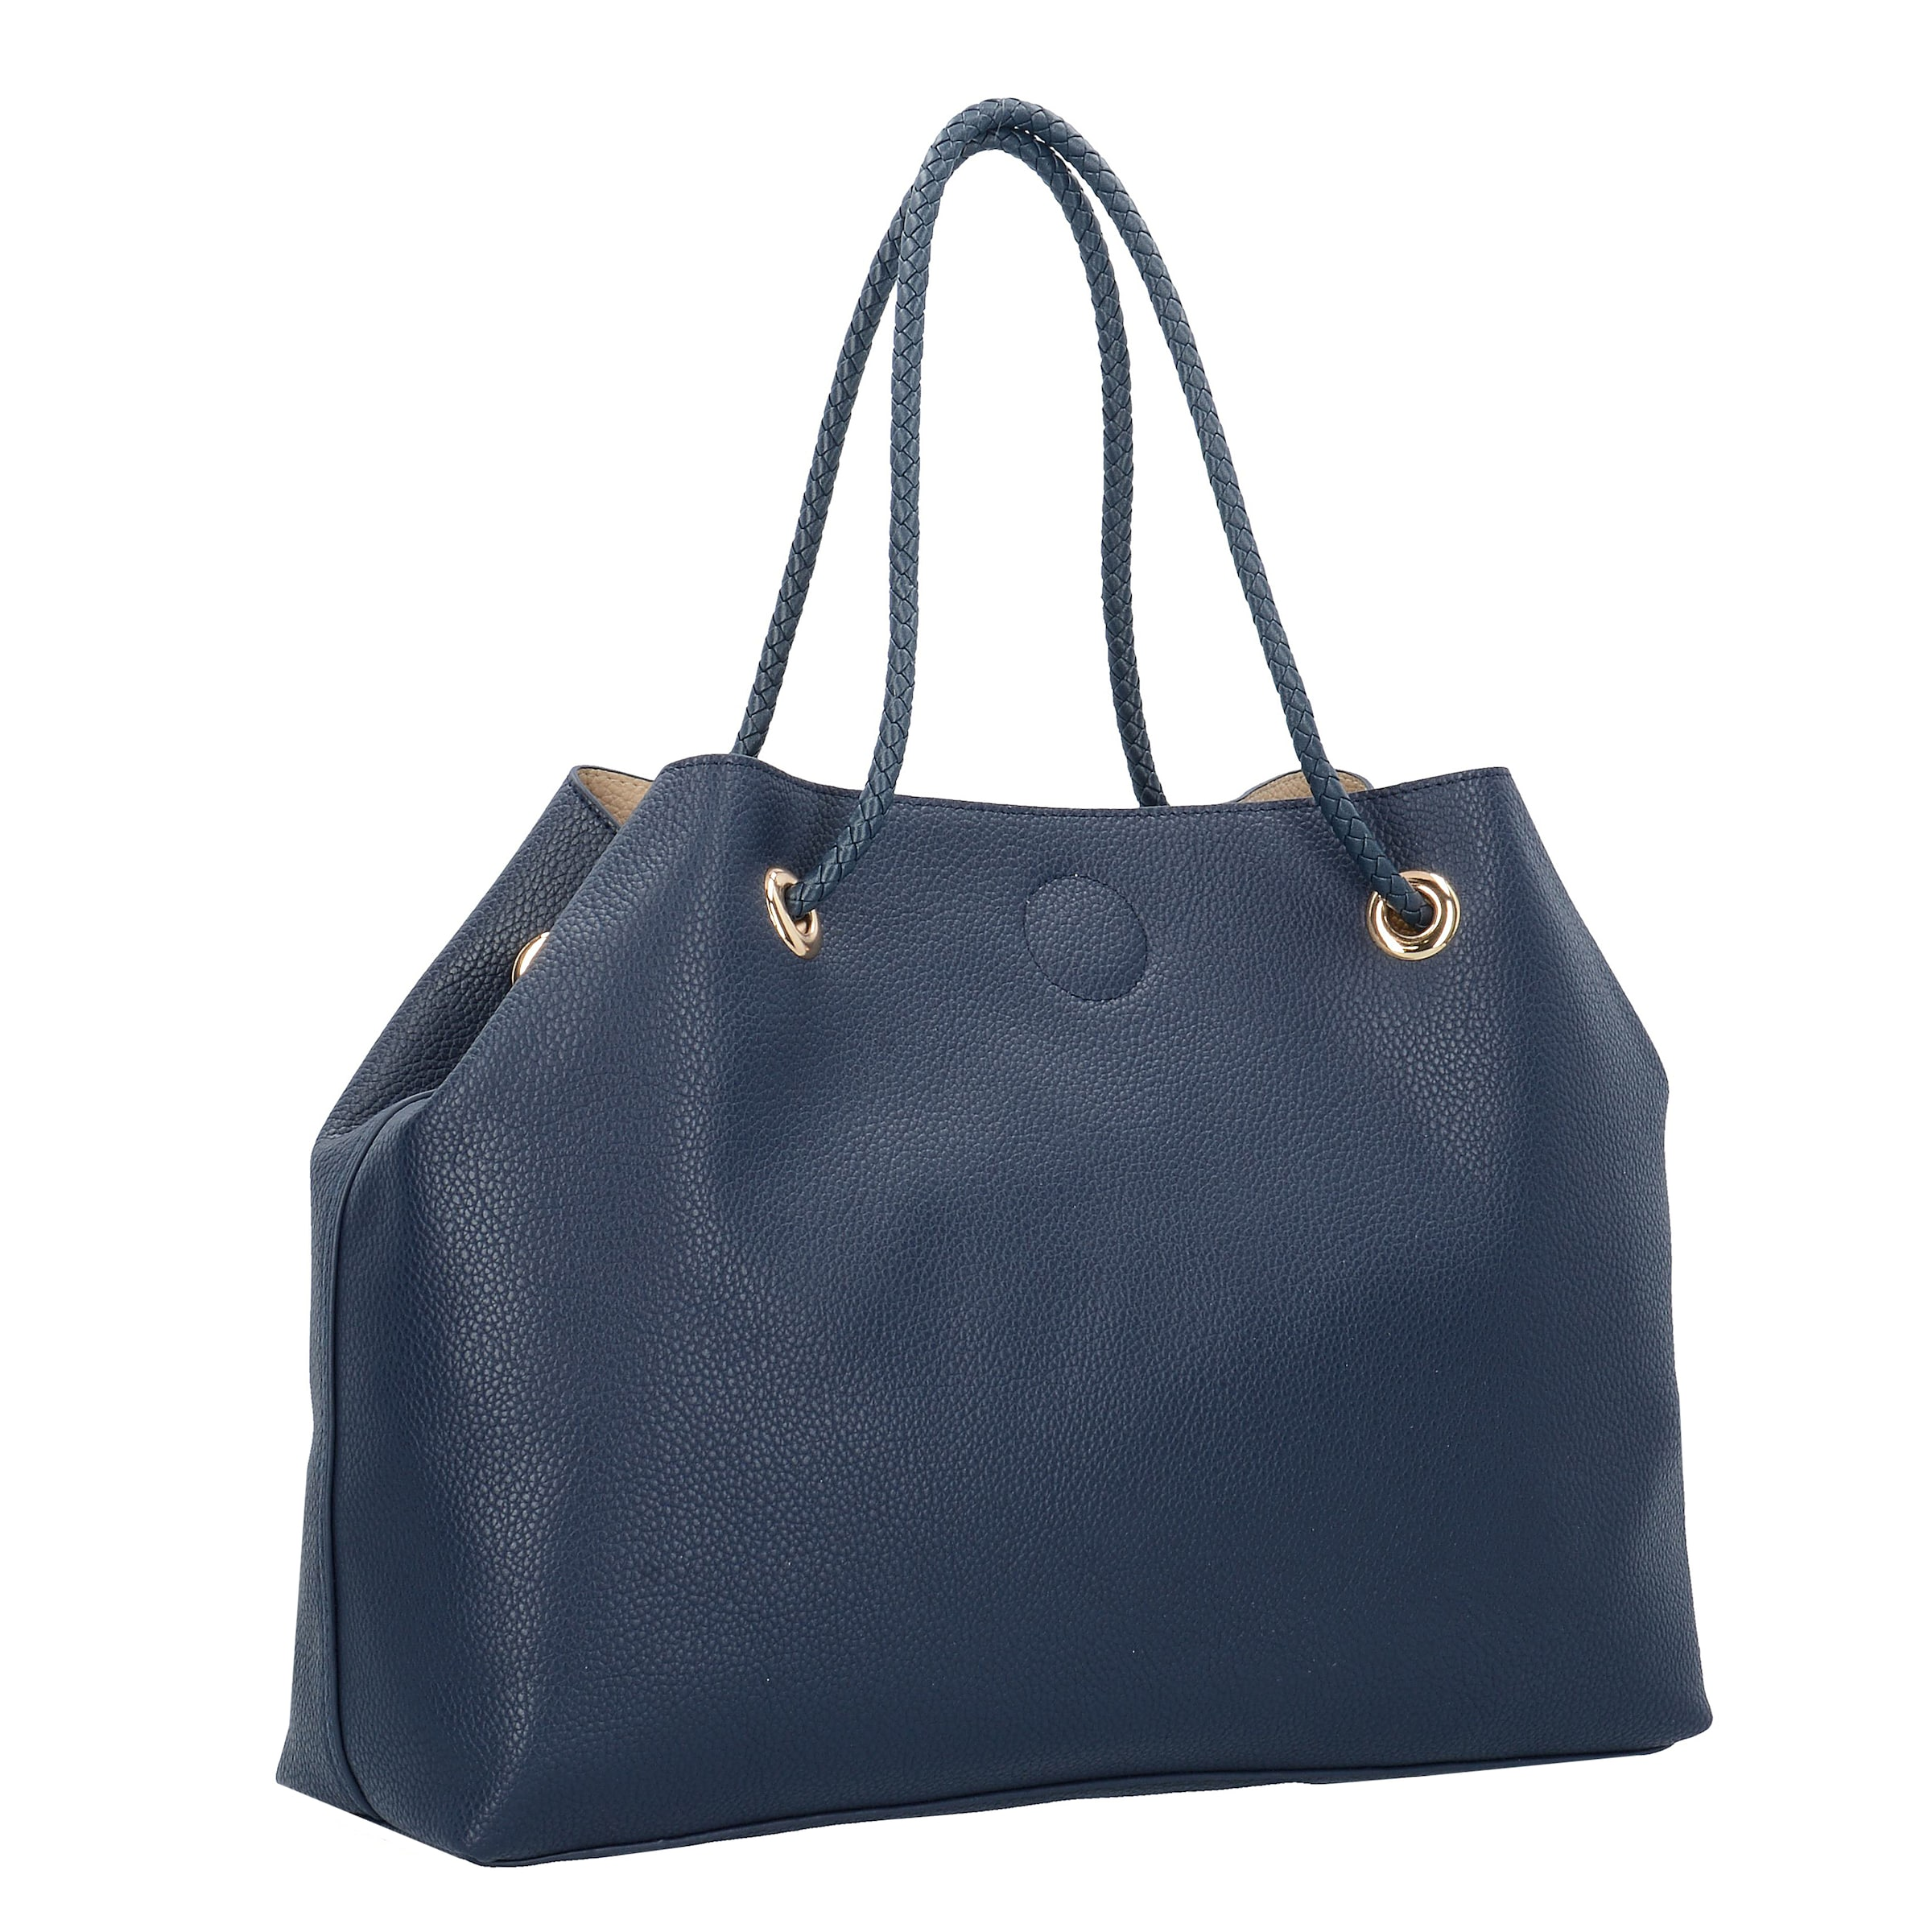 Billig Besten Footlocker Bilder Zum Verkauf Valentino Handbags Corsair Shopper Tasche 40 cm Freies Verschiffen Fälschung Günstig Kaufen Fabrikverkauf Freiheit Genießen Vytvx